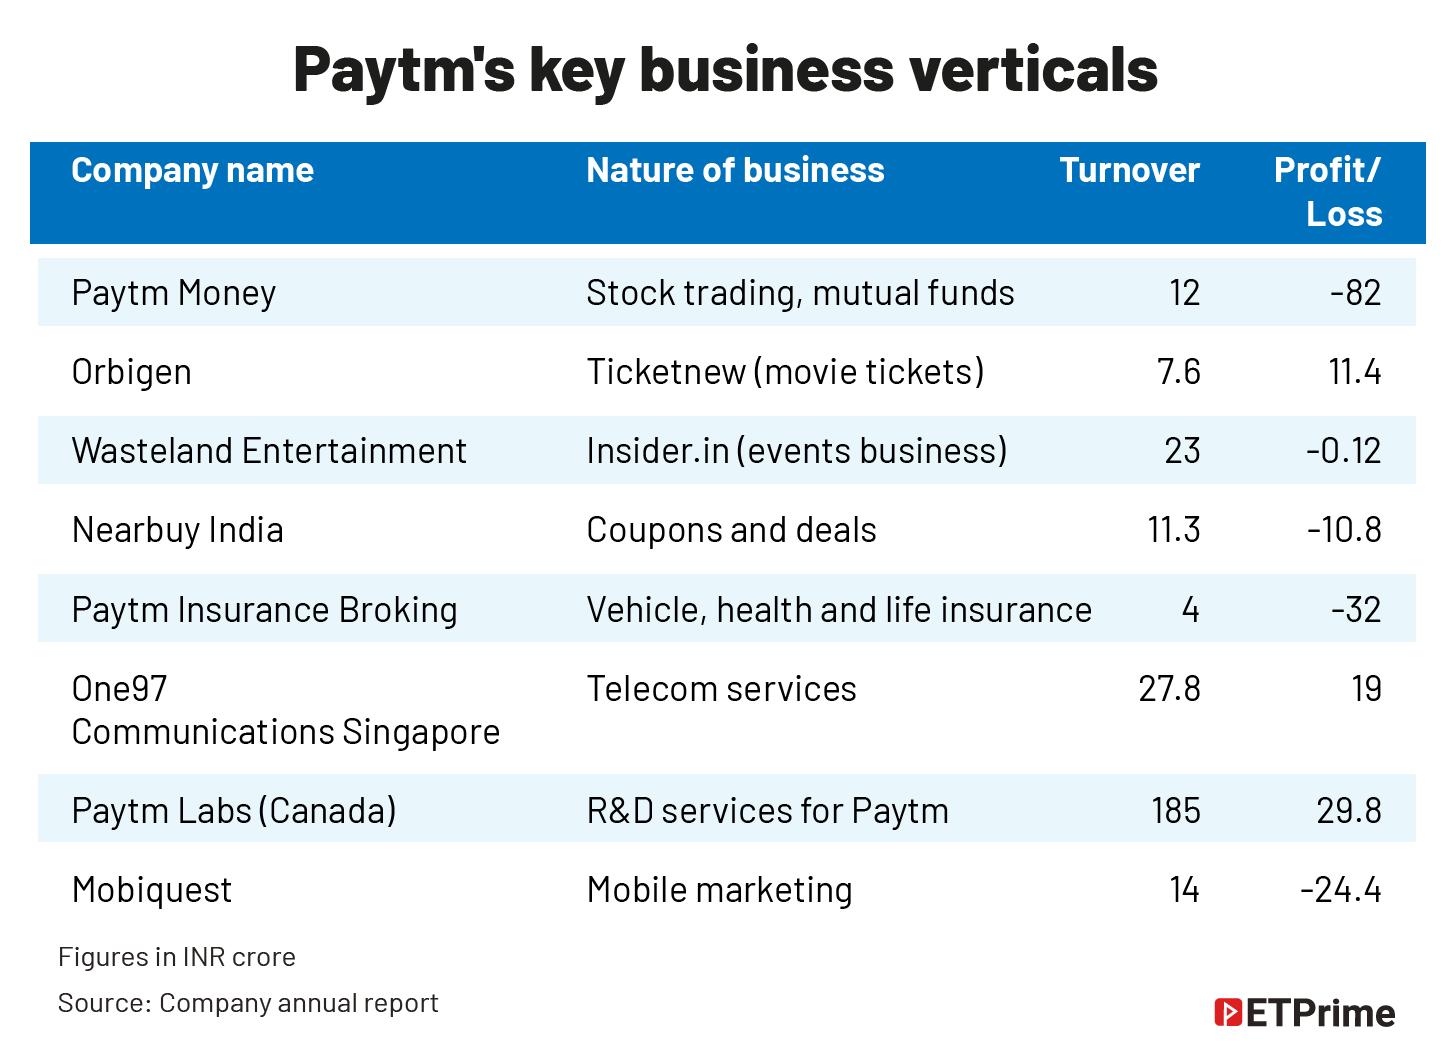 Paytm's key business verticals@2x